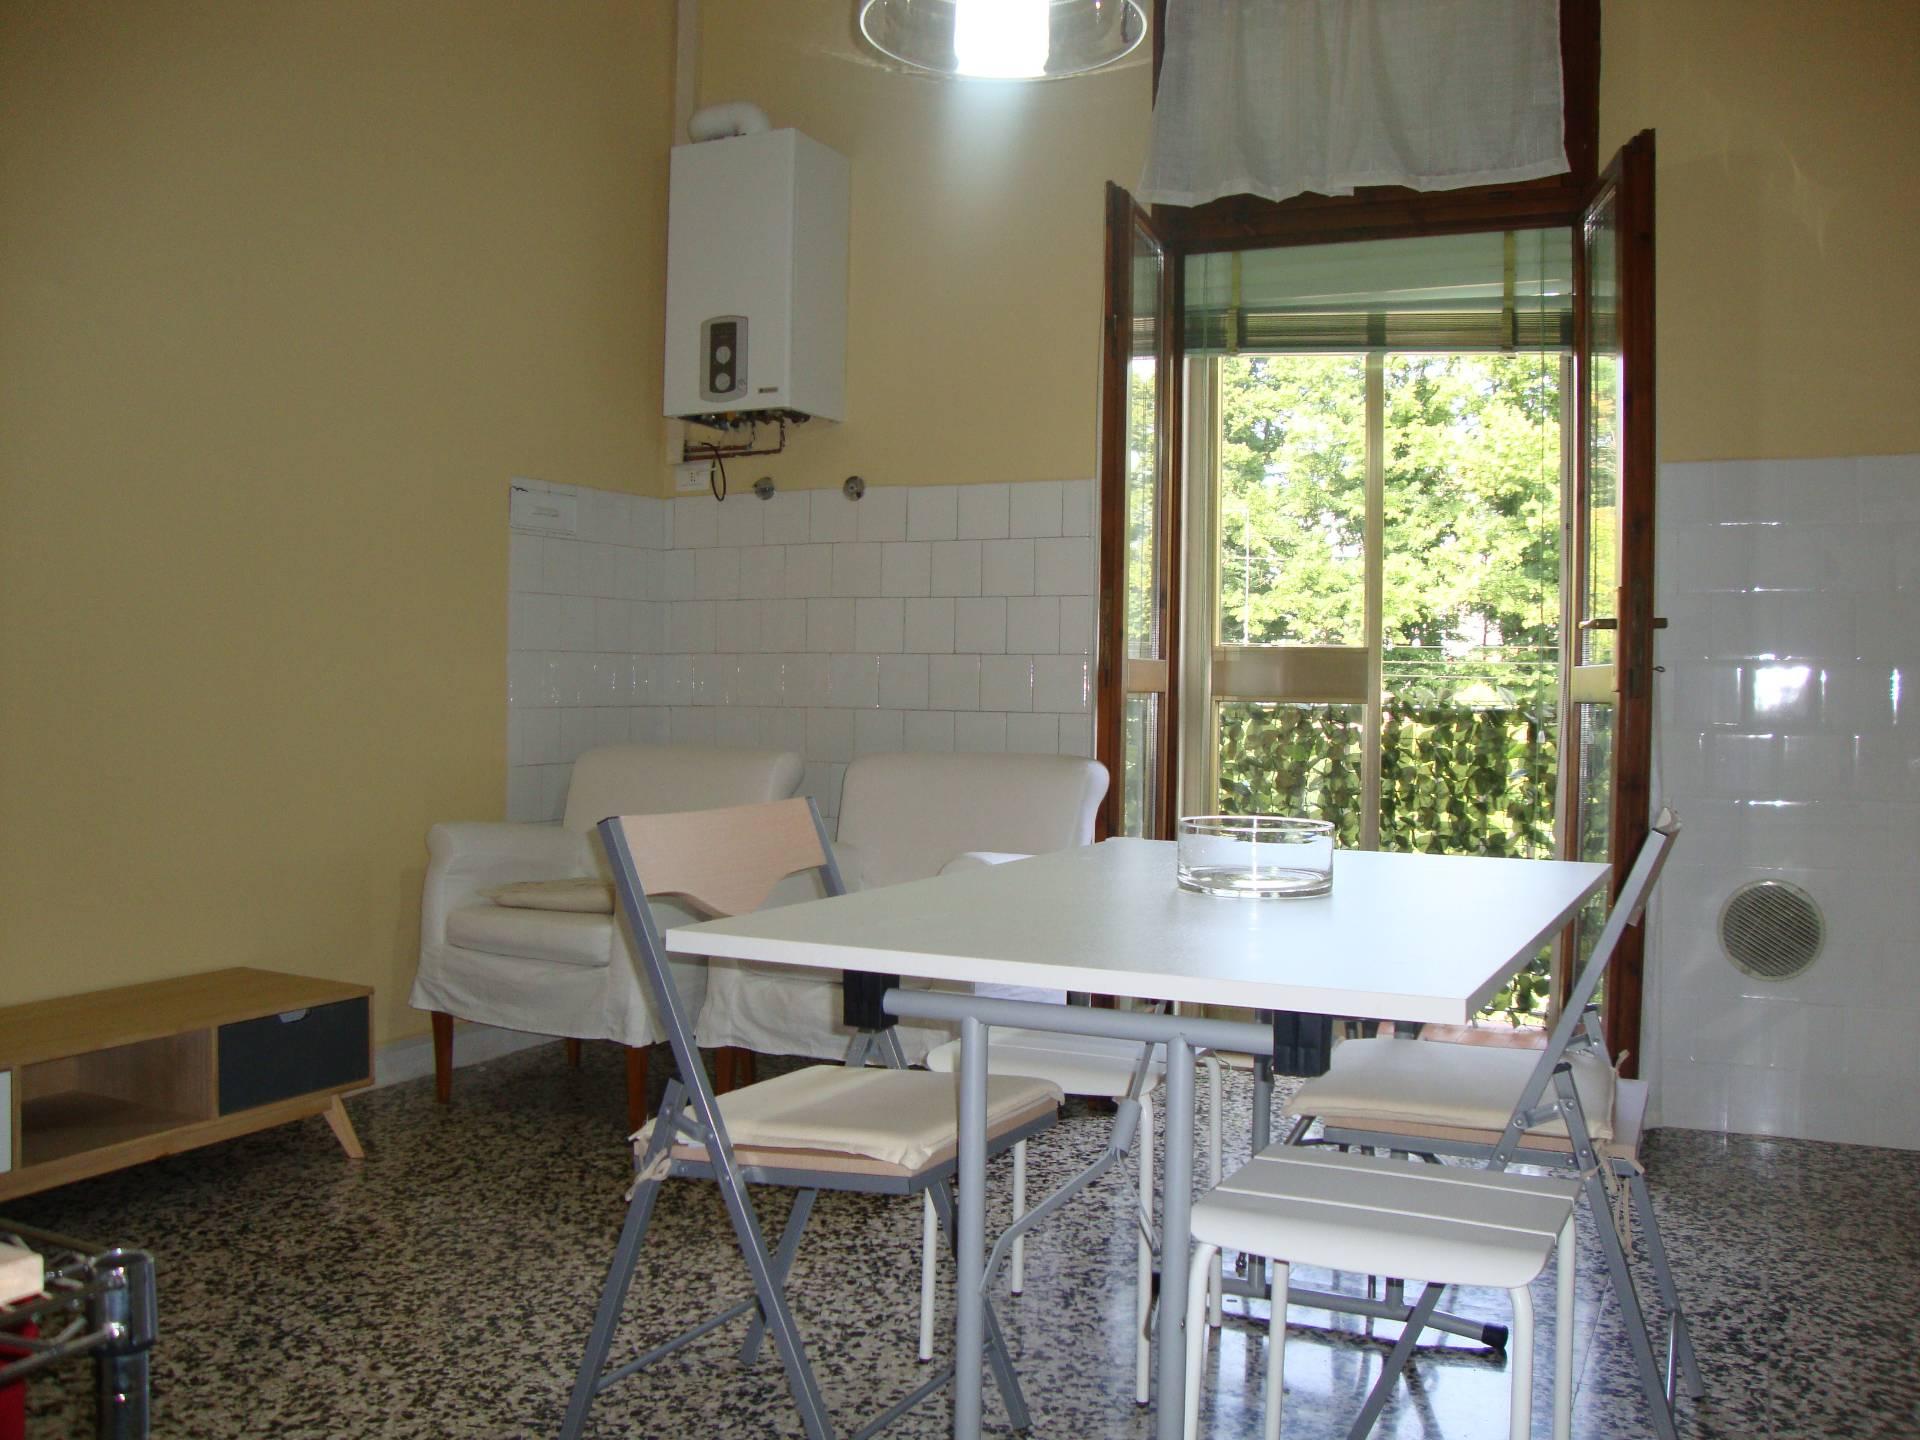 Appartamento in affitto a Ferrara, 4 locali, zona Località: Centrostorico, prezzo € 800 | CambioCasa.it